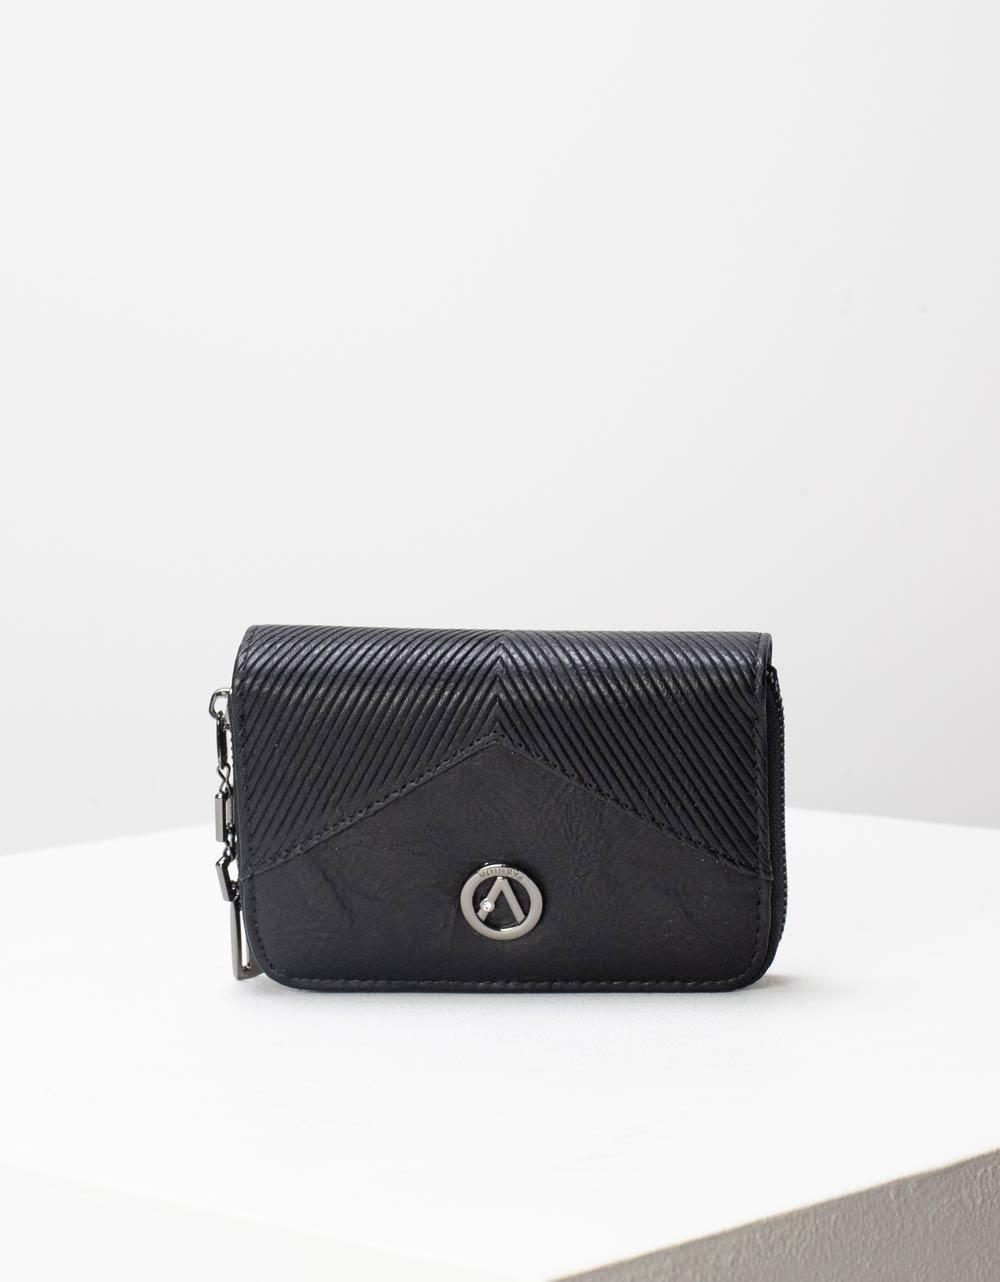 Εικόνα από Γυναικεία πορτοφόλια με κλίπ και θήκη με φερμουάρ Μαύρο